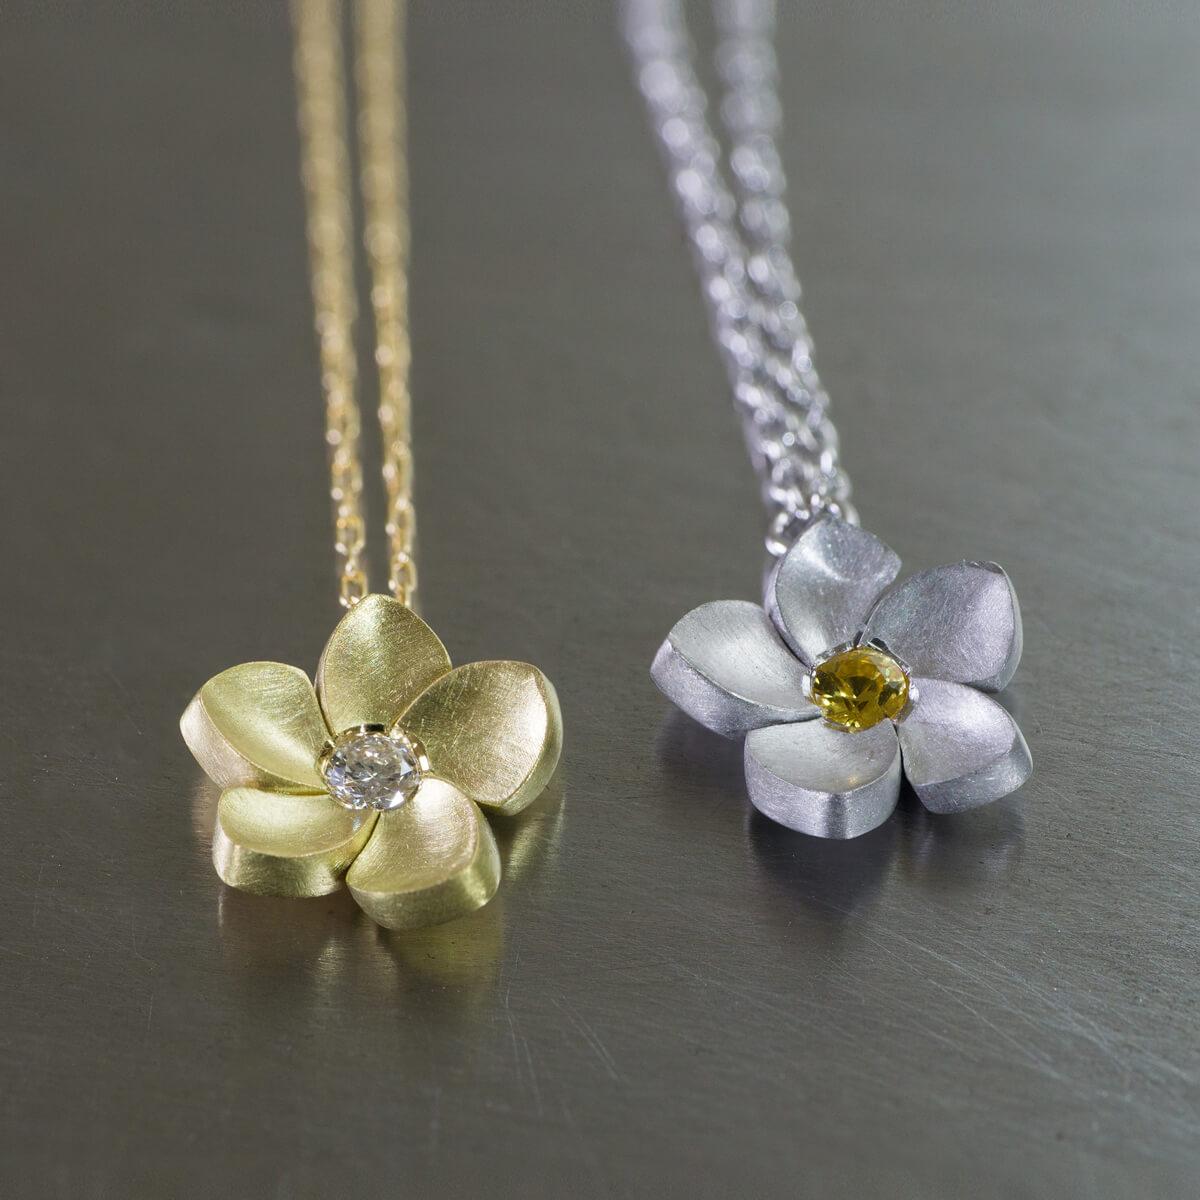 角度2 花のネックレス シルバー、ゴールド、ダイヤモンド、サファイア 屋久島のプルメリア ジュエリーのアトリエ オーダーメイドジュエリー